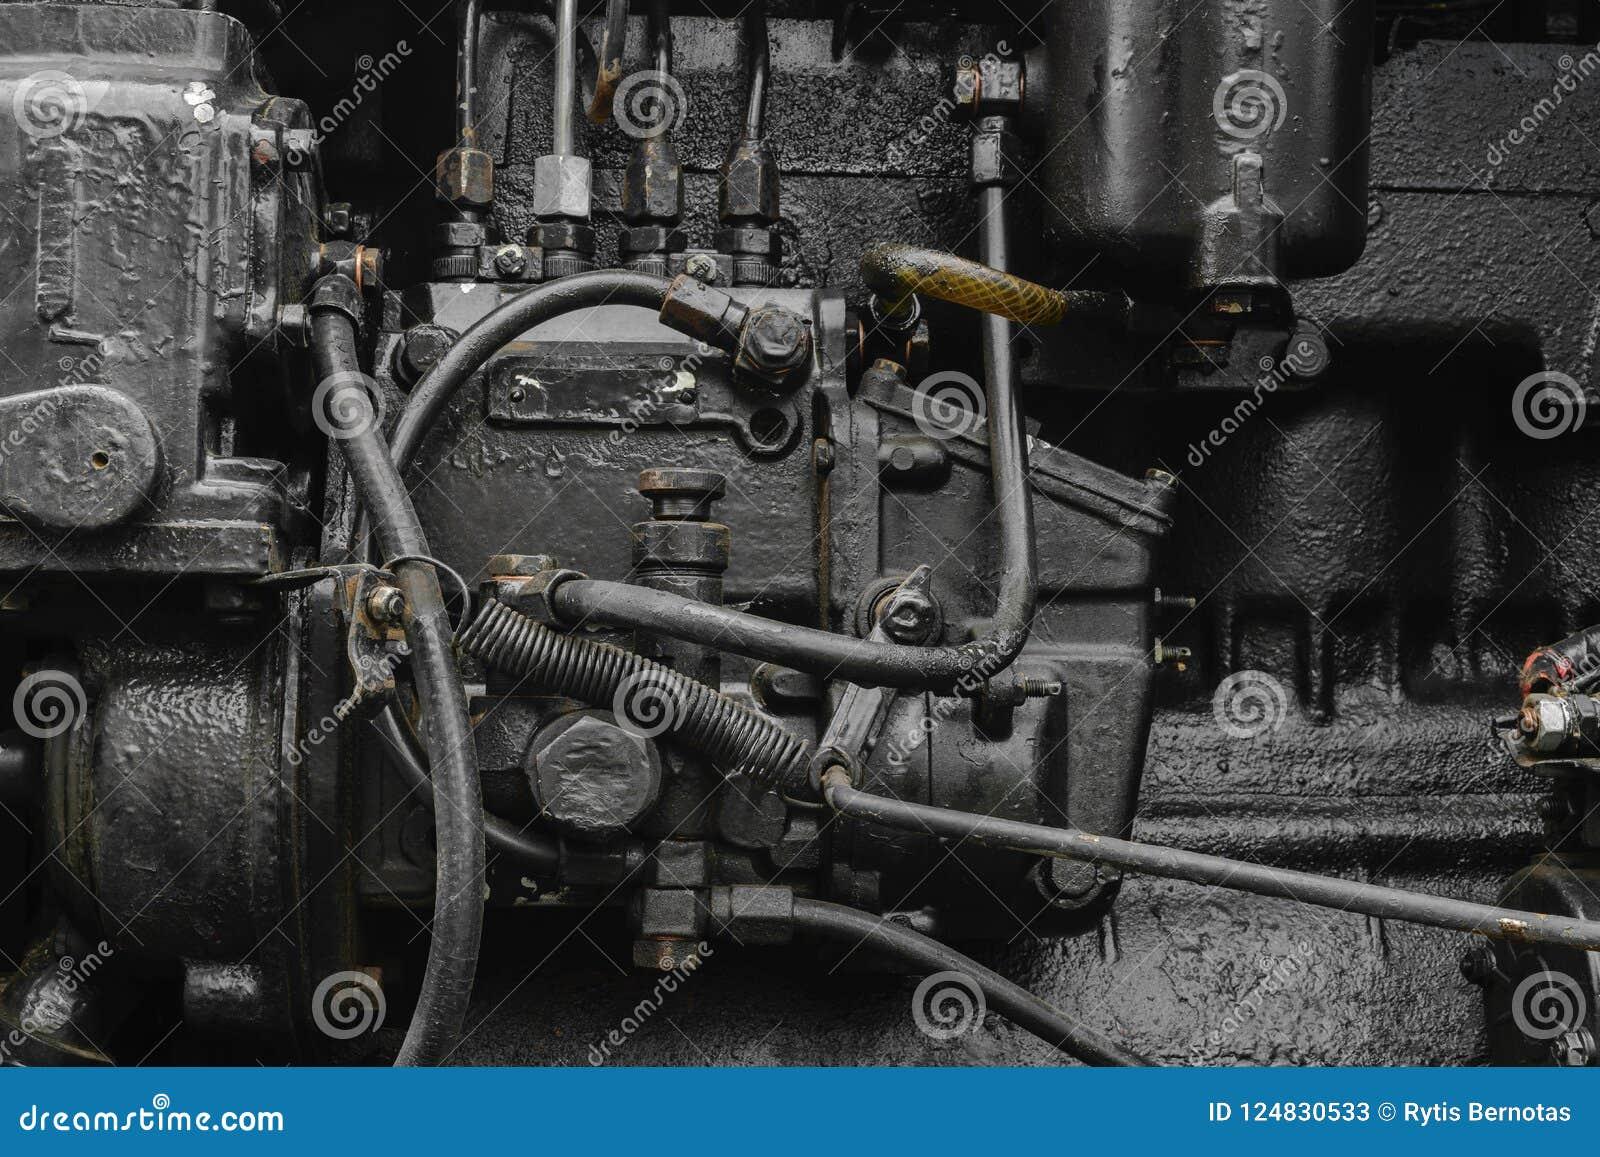 Επιφάνεια υποβάθρου της παλαιάς, μαύρης και ελαιούχου μηχανής μηχανών